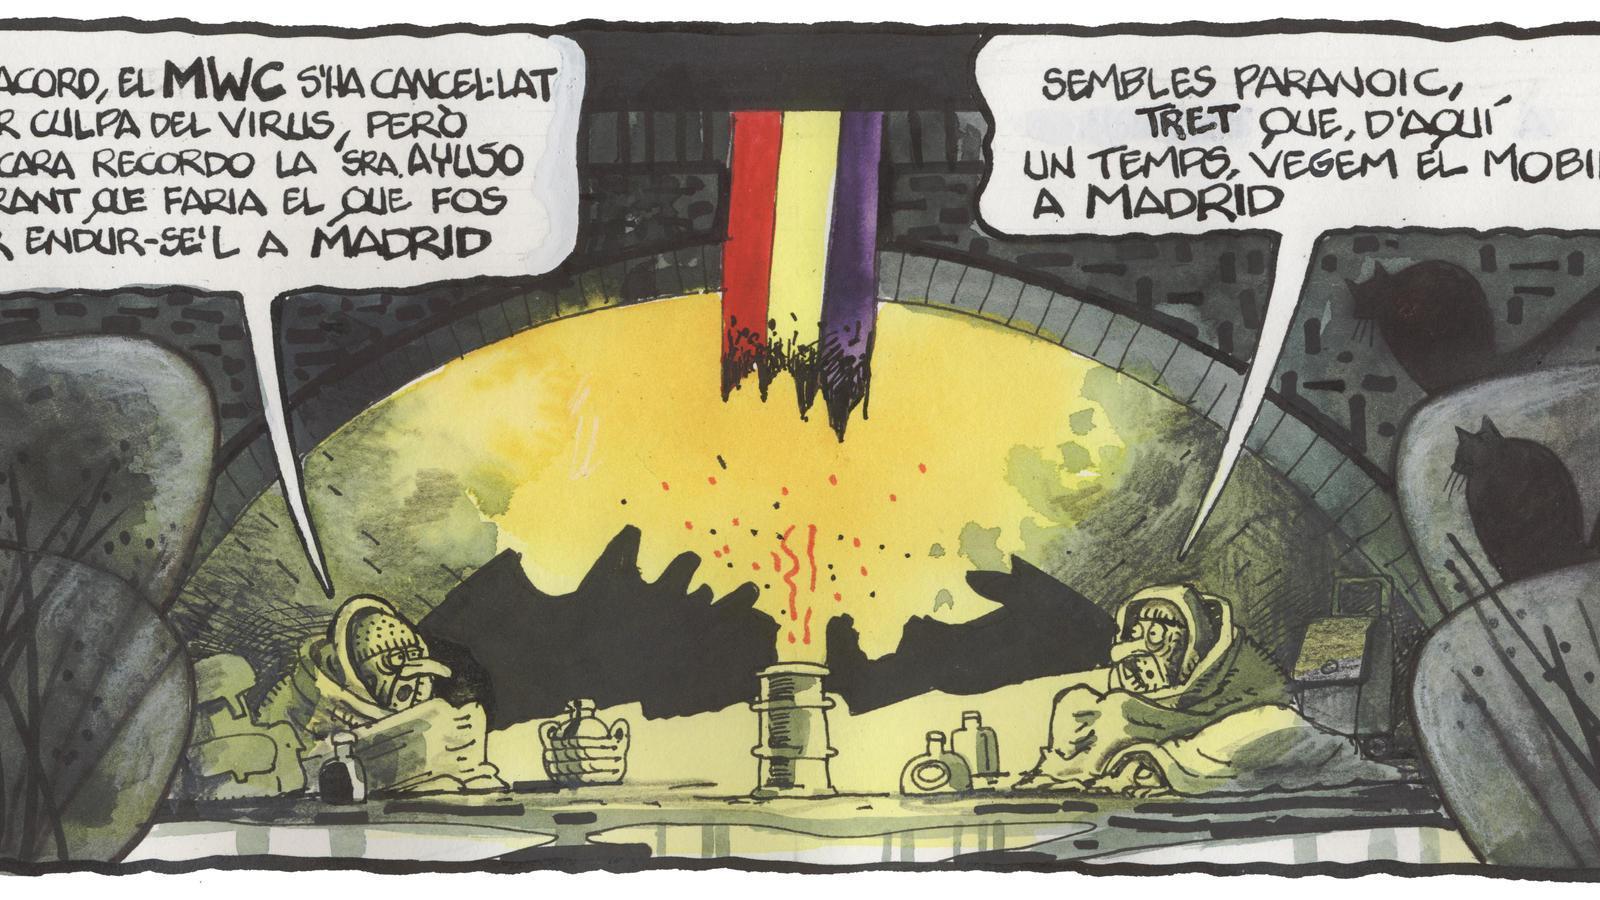 'A la contra', per Ferreres 14/02/2020